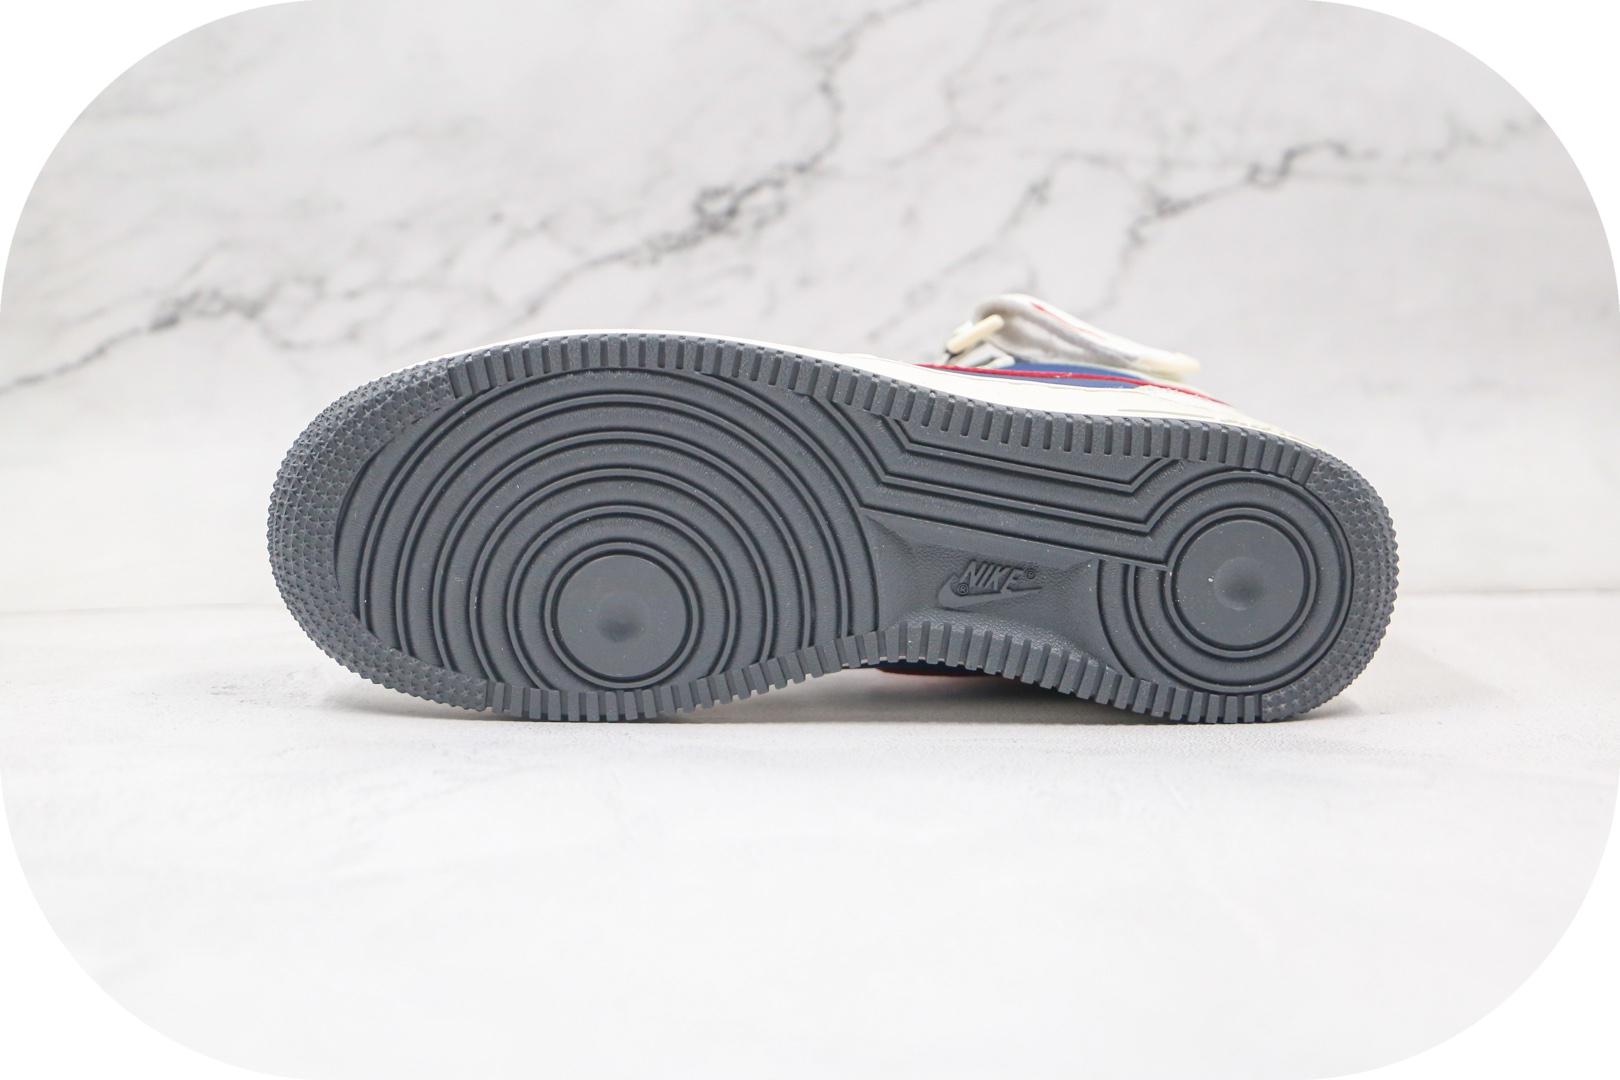 耐克Nike Air Force 1'07 Mid纯原版本中帮空军一号白蓝红色板鞋内置全掌Sole气垫 货号:512745-068